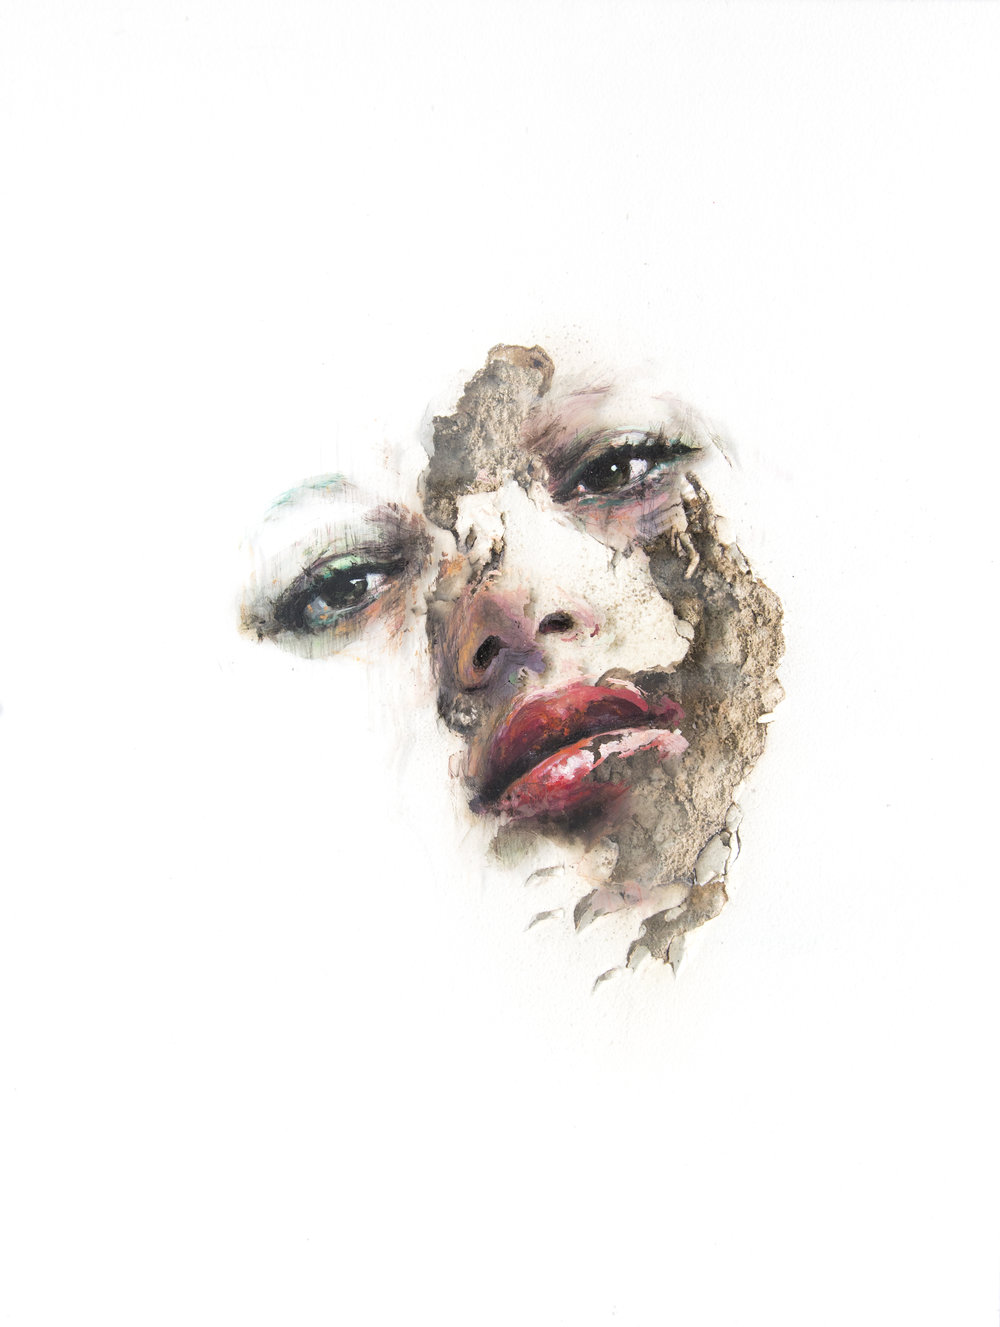 JUAN MIGUEL PALACIOS | WOUNDS LXXXI  Technique mixte sur vinyle transparent et cloison | Mixed media on clear vinyl and drywall  2017  40,6 x 30,5 x 2,5 cm |16 x 12 x 1 in